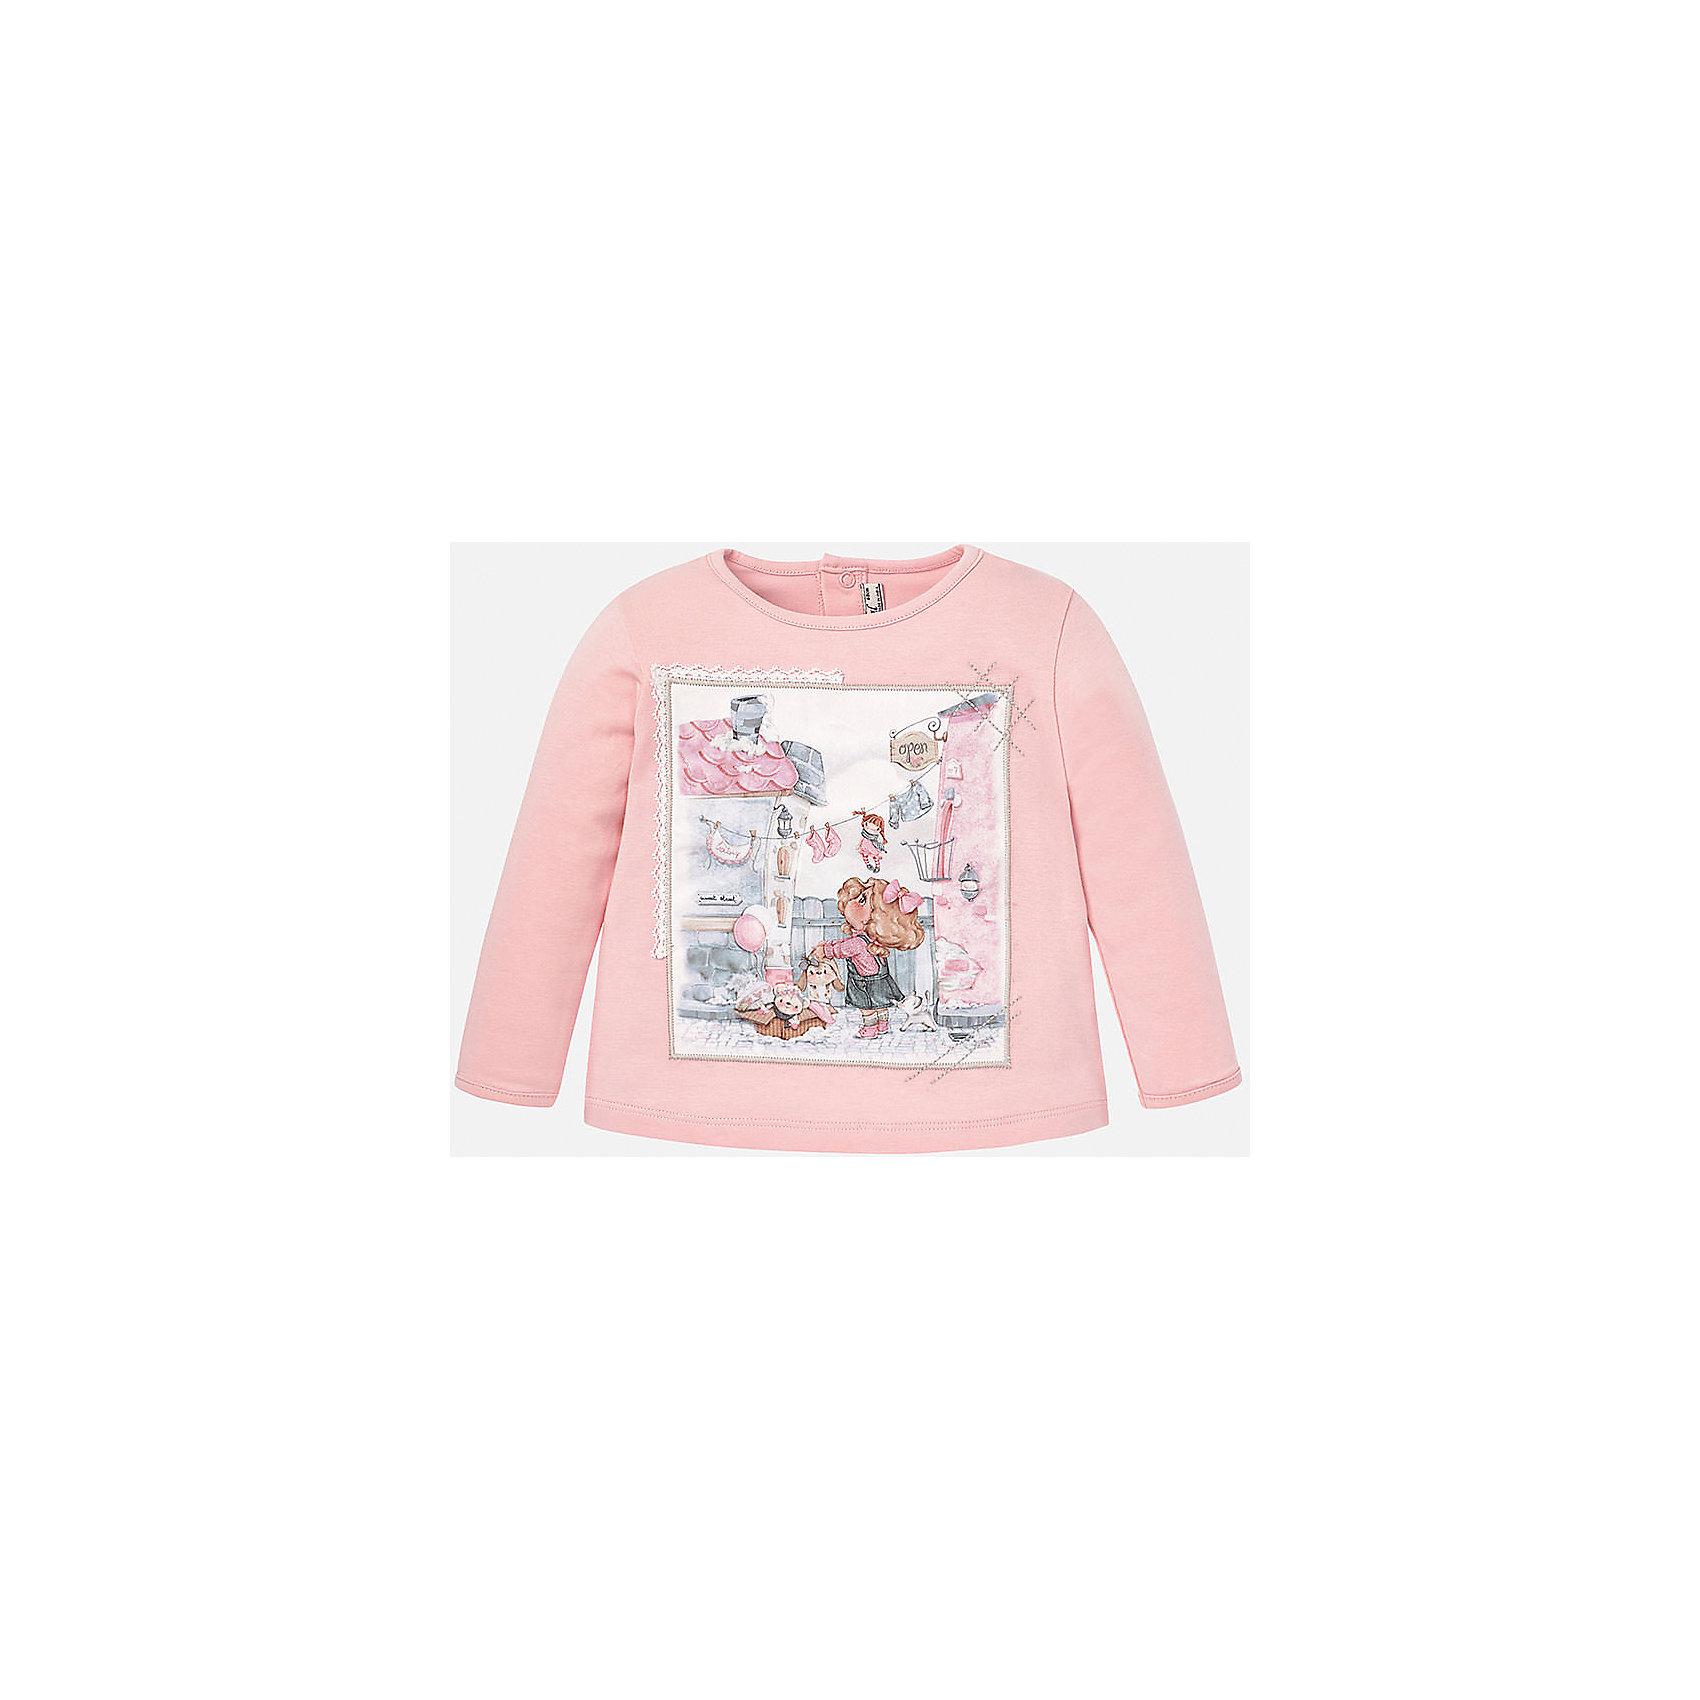 Футболка для девочки MayoralФутболка для девочки от известного испанского бренда Mayoral (Майорал). Эта модная и удобная футболка с длинным рукавом сочетает в себе стиль и простоту. Приятный кремовый розовый цвет и нежный фото-принт с девочкой придут по вкусу вашей моднице. У футболки свободный крой, слегка расширяющийся к низу. Футболка застегивается сзади на две кнопочки. Отличное пополнение для сезона осень-зима. К этой футболке подойдут как классические юбки и брюки, так и джинсы или штаны спортивного кроя. <br><br>Дополнительная информация:<br><br>- Силуэт: расширяющийся к низу<br>- Рукав: укороченный<br>- Длина: средняя<br><br>Состав: 92% хлопок, 8% эластан<br><br>Футболку для девочки Mayoral (Майорал) можно купить в нашем интернет-магазине.<br><br>Подробнее:<br>• Для детей в возрасте: от 4 до 9 лет<br>• Номер товара: 4846014<br>Страна производитель: Индия<br><br>Ширина мм: 199<br>Глубина мм: 10<br>Высота мм: 161<br>Вес г: 151<br>Цвет: фиолетовый<br>Возраст от месяцев: 12<br>Возраст до месяцев: 15<br>Пол: Женский<br>Возраст: Детский<br>Размер: 80,74,92,86<br>SKU: 4846014